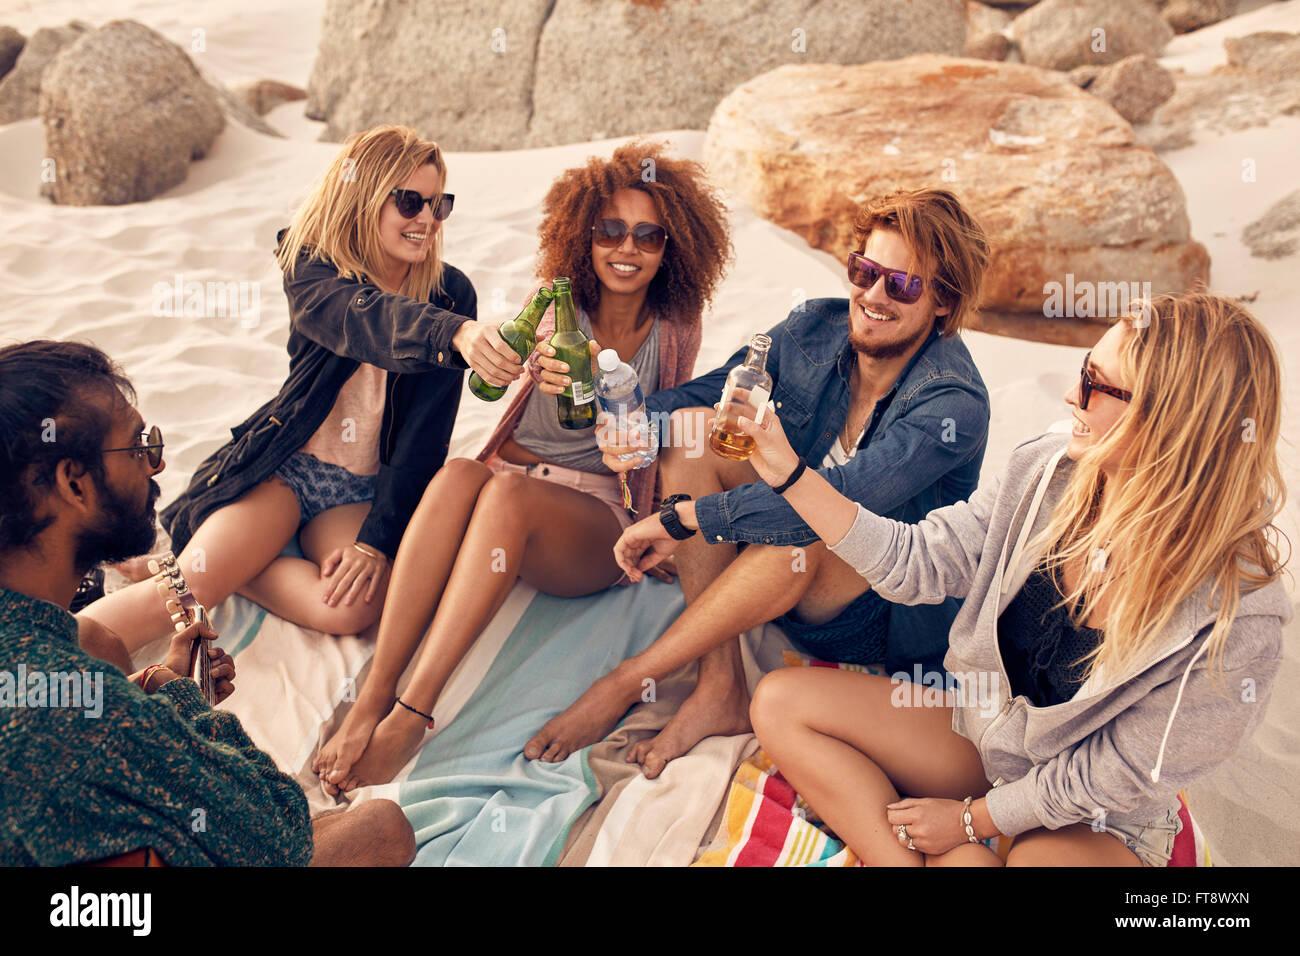 Grupo de jóvenes cervezas tostado mientras estaba sentado en la playa. Mestizos amigos celebrando con bebidas Imagen De Stock